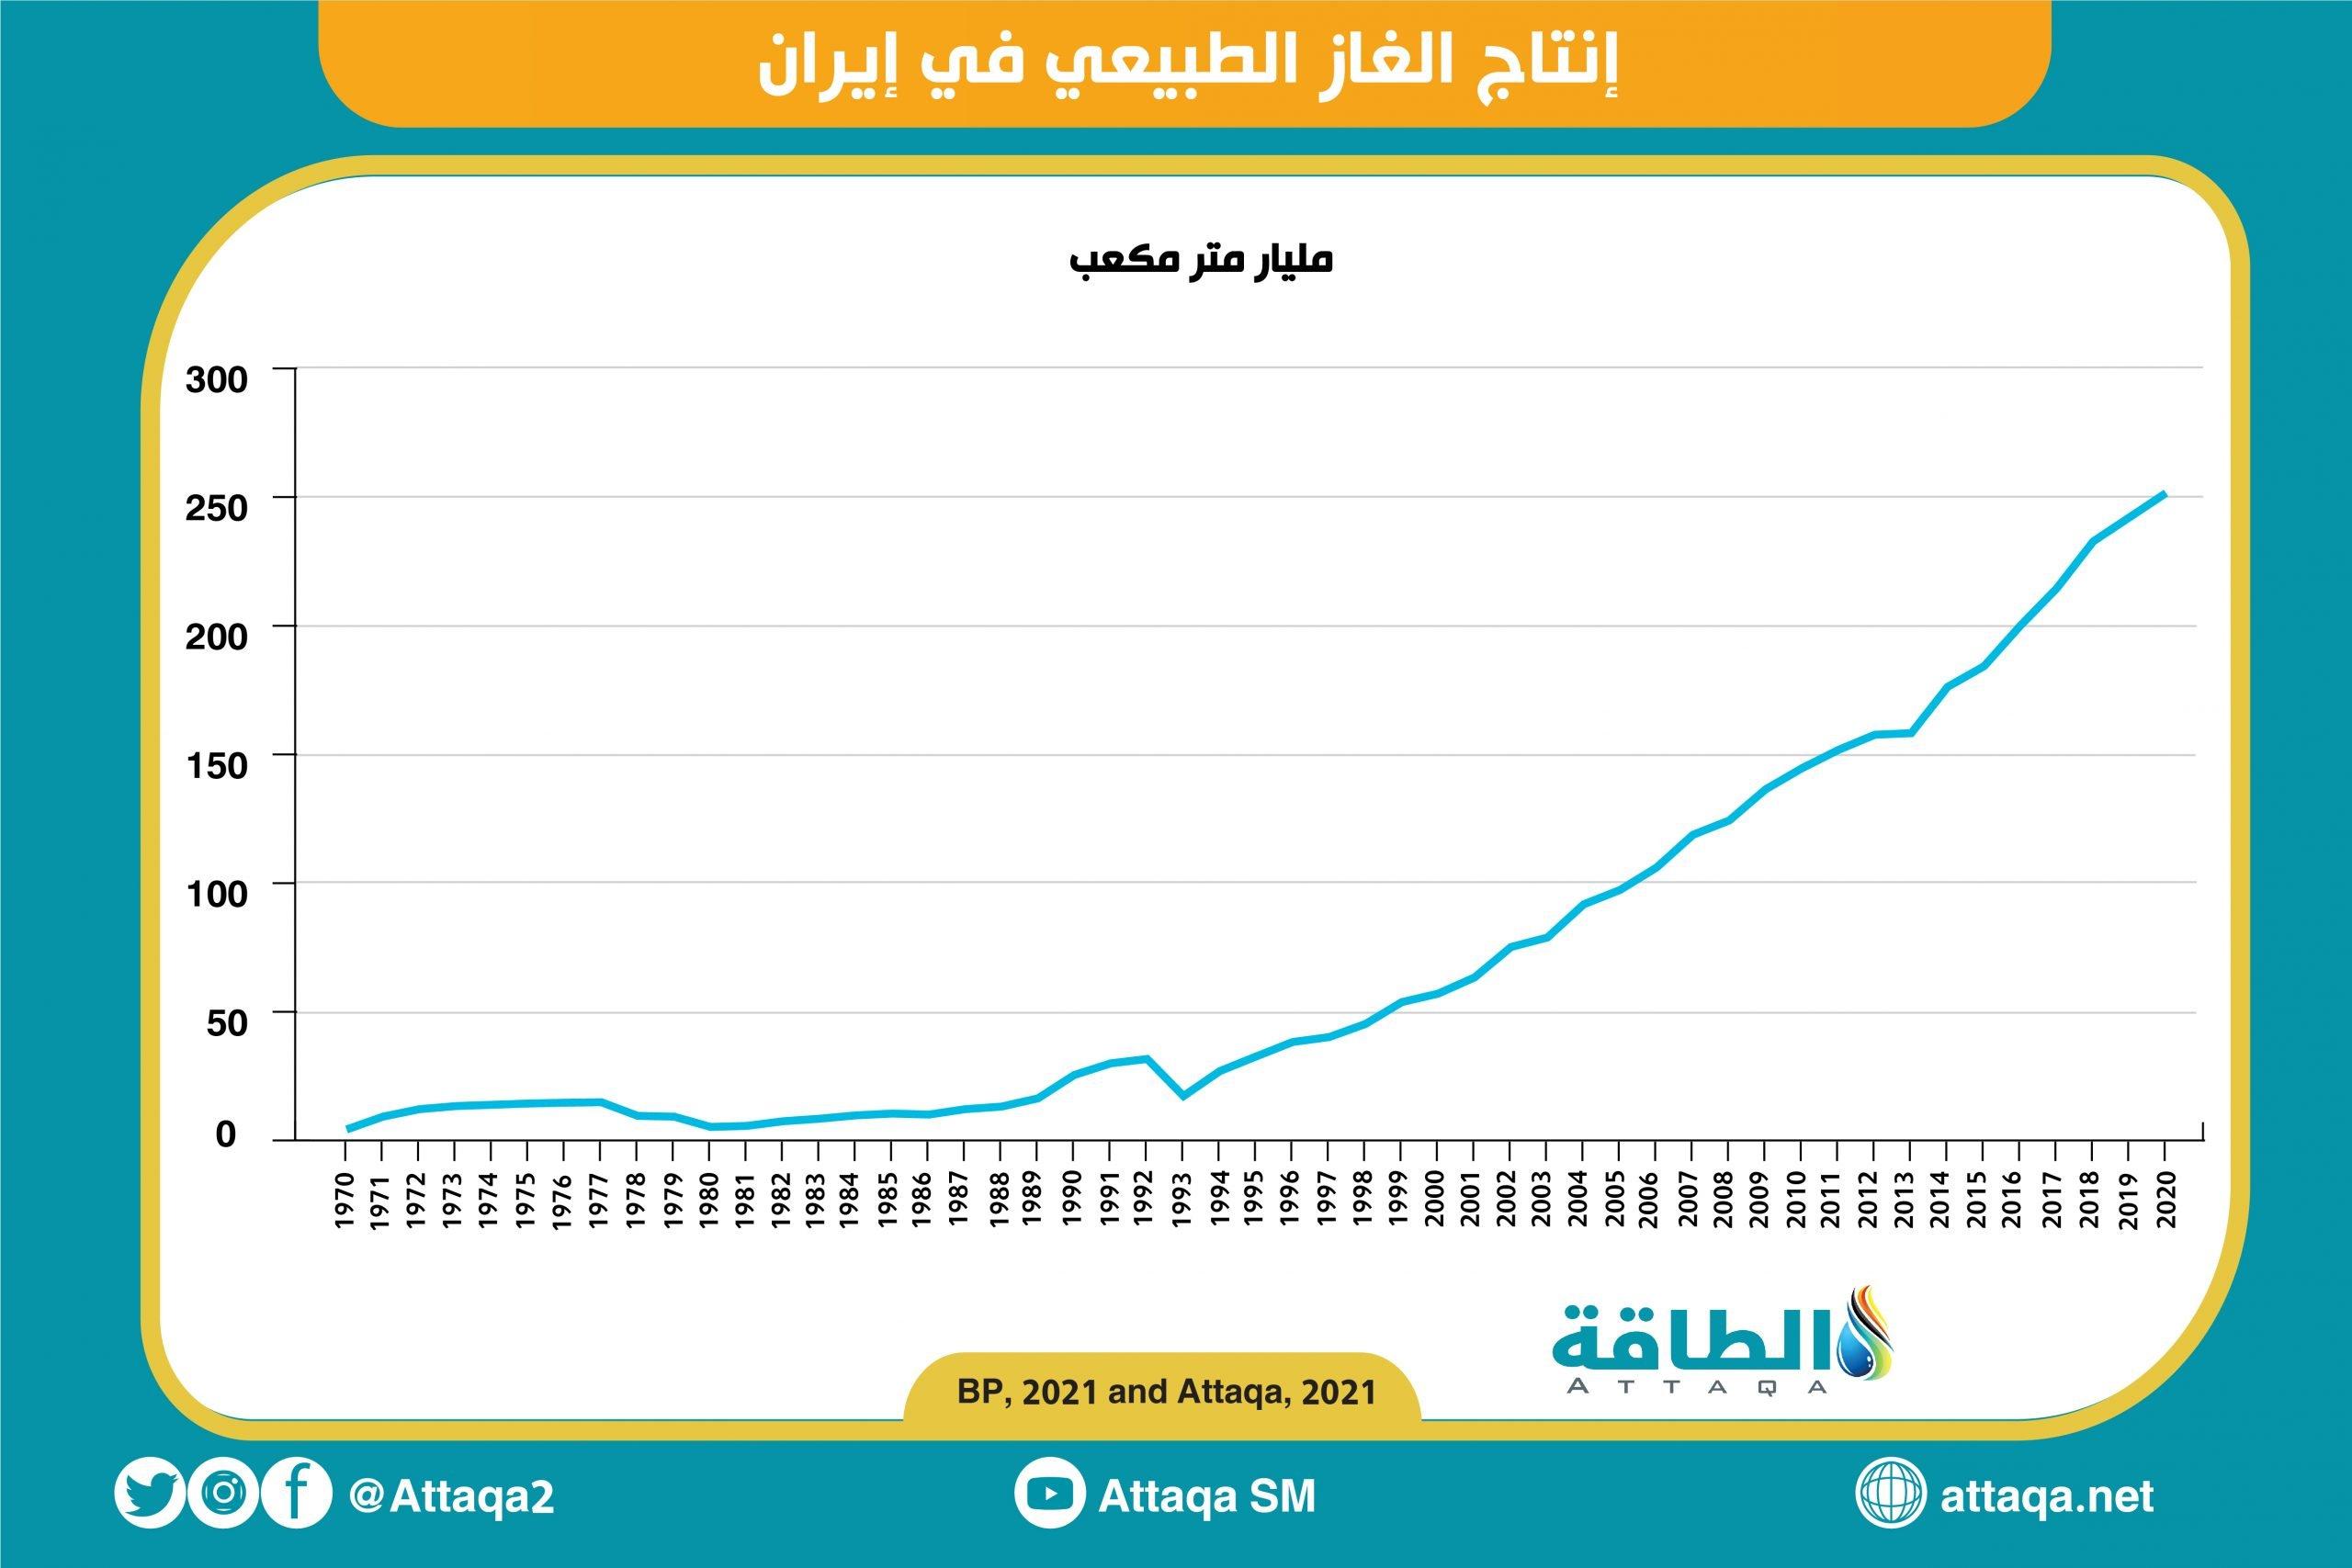 إنتاج الغاز الطبيعي - إيران